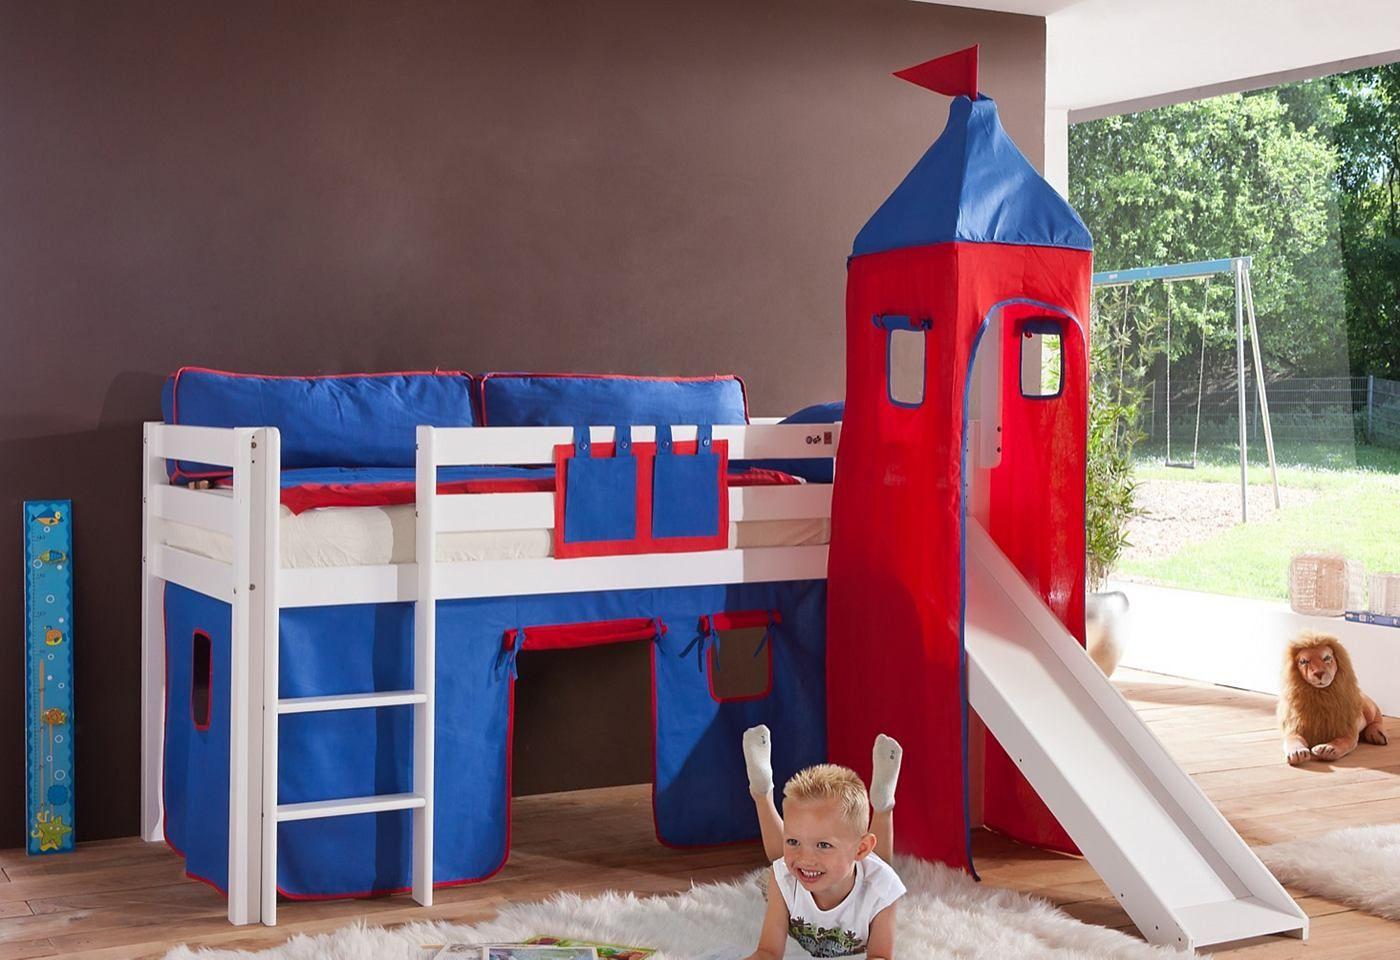 Ein Tolles Halbhohes Bett Mit Rutsche Und Turm Zum Spielen Und